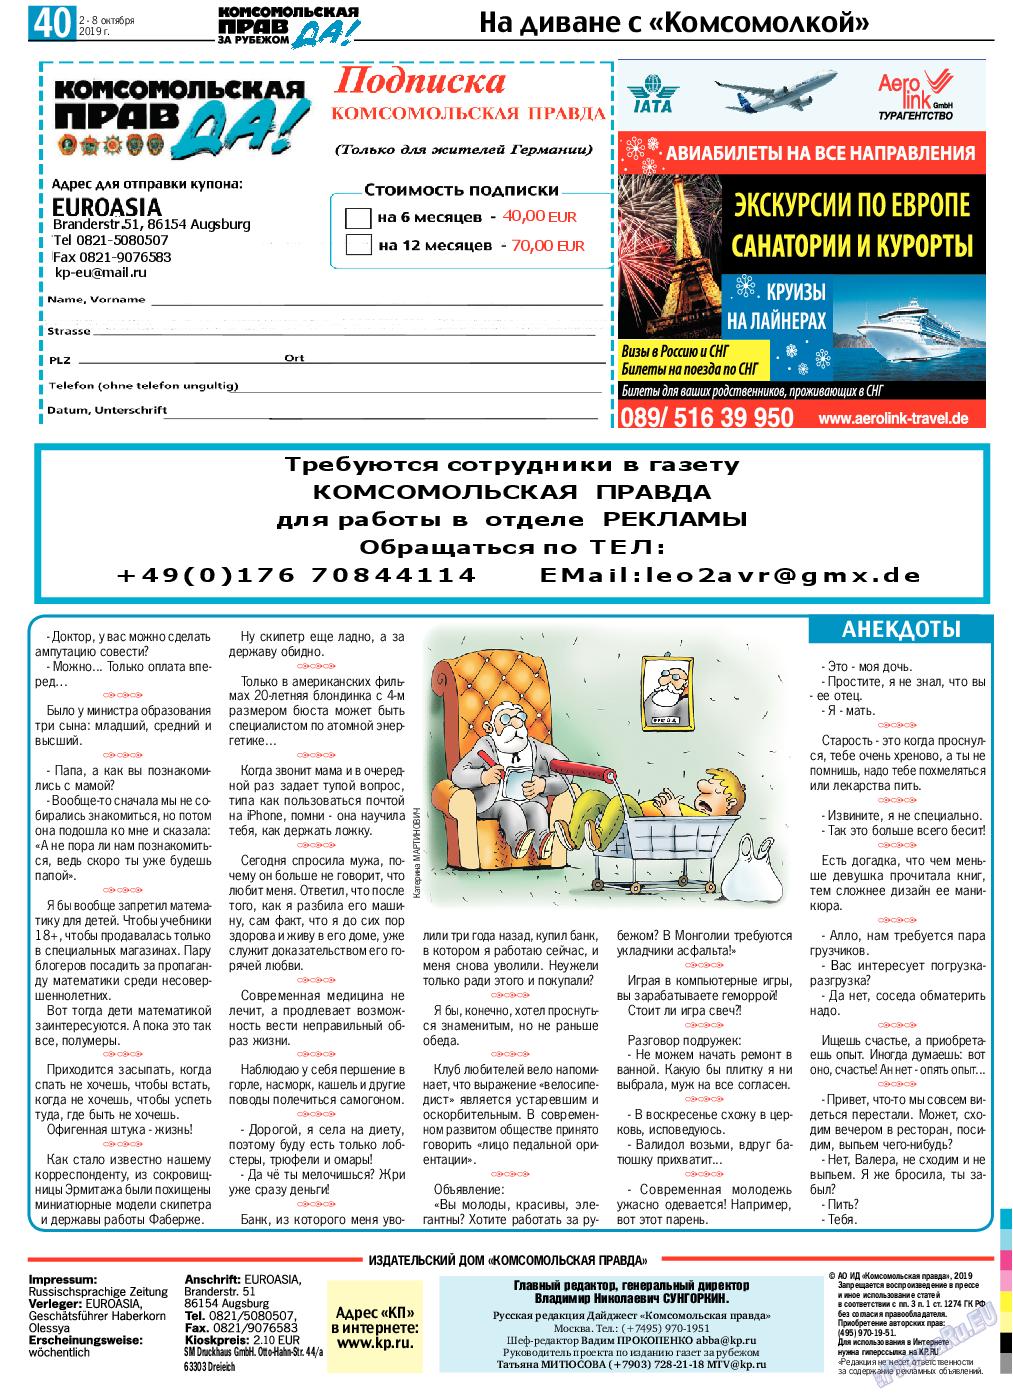 КП в Европе (газета). 2019 год, номер 40, стр. 40